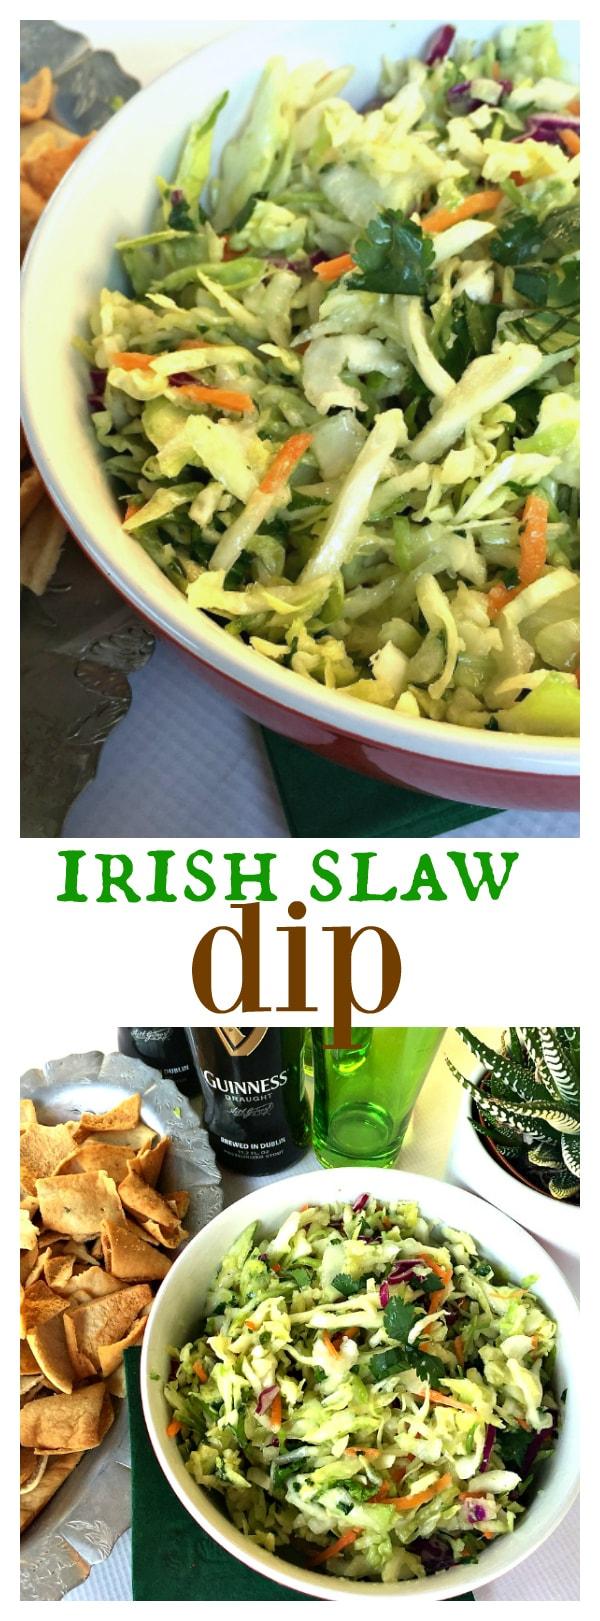 Irish Slaw Dip